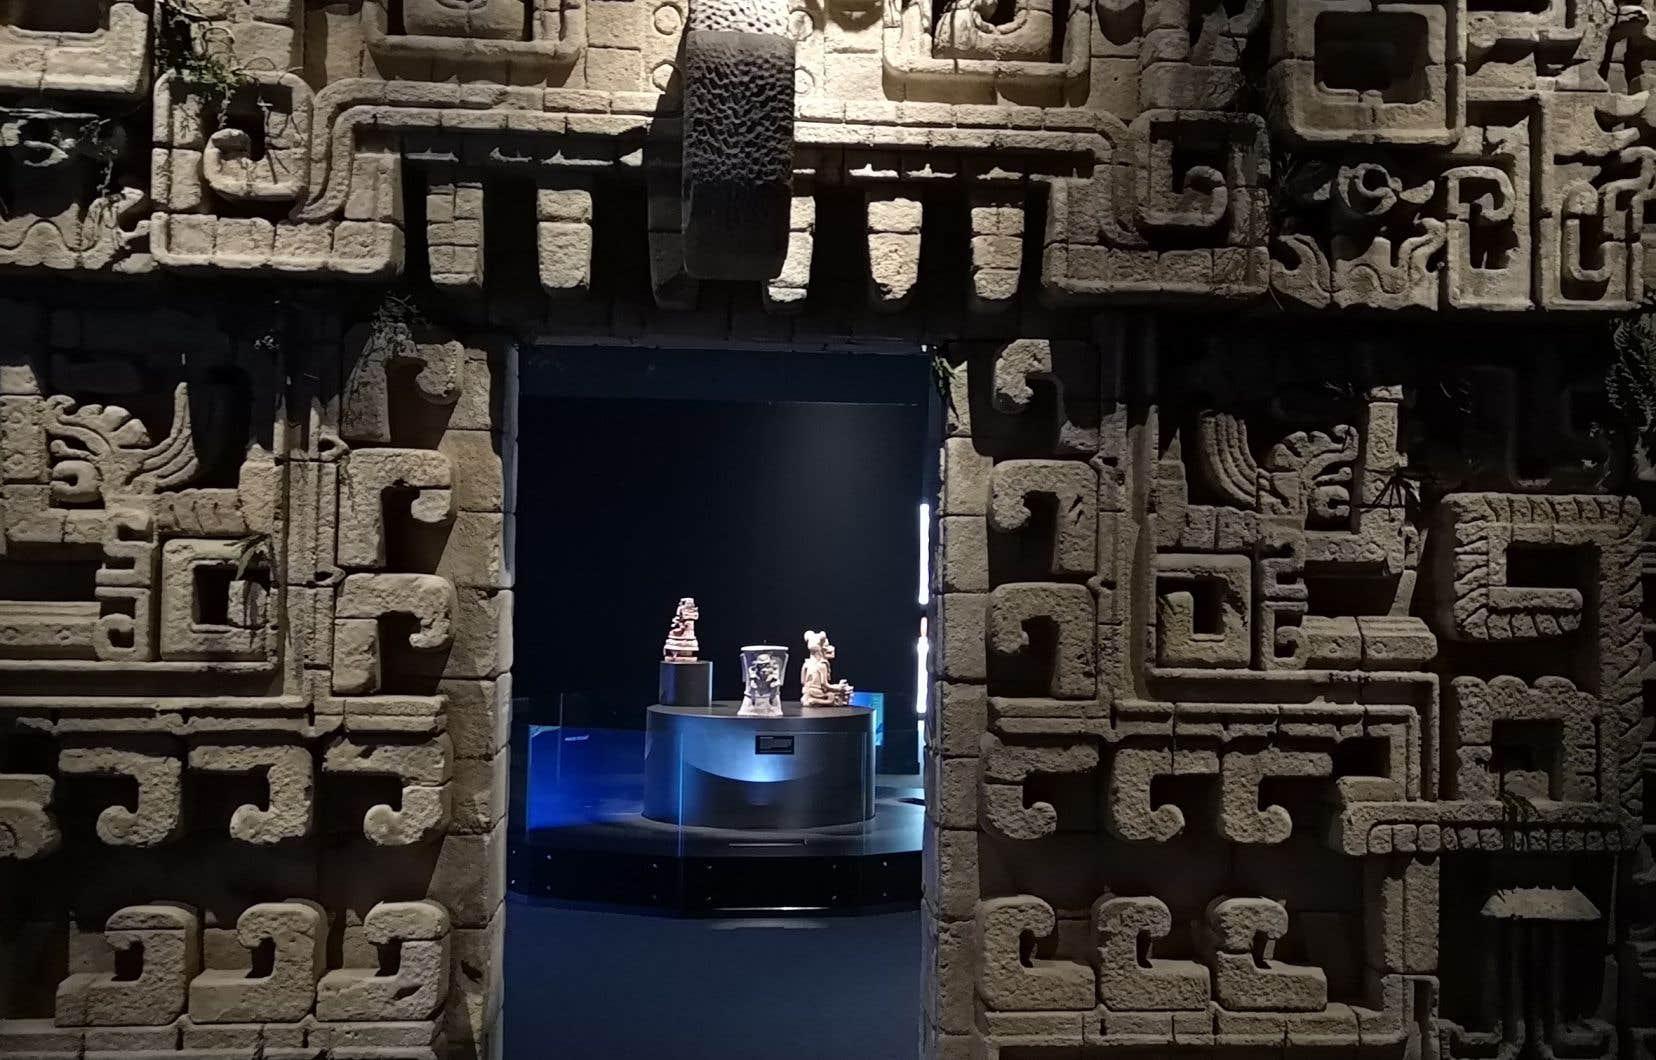 Des fresques, des sculptures, des objets du quotidien et des bijoux permettront au public de faire un voyage dans le temps et de comprendre la culture maya au Musée de la civilisation.